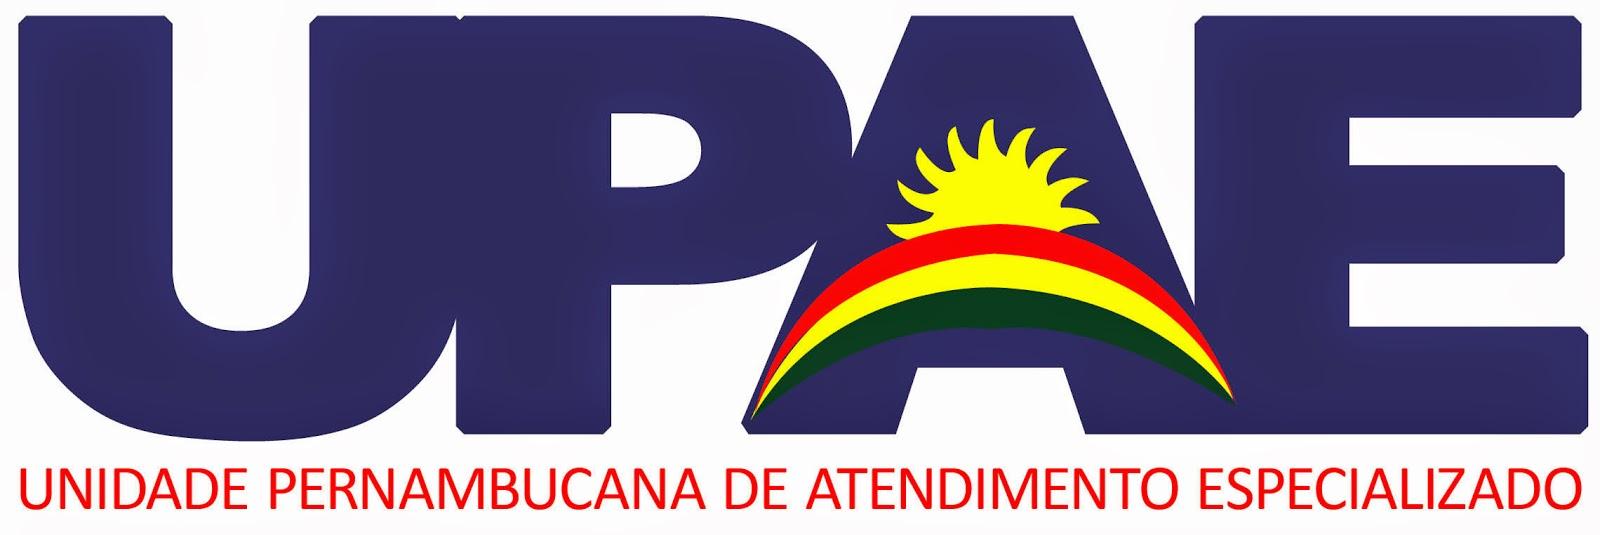 A UPAE(Unidade Pernambucana de Atendimento Especializado), na cidade de Afogados da Ingazeira - PE